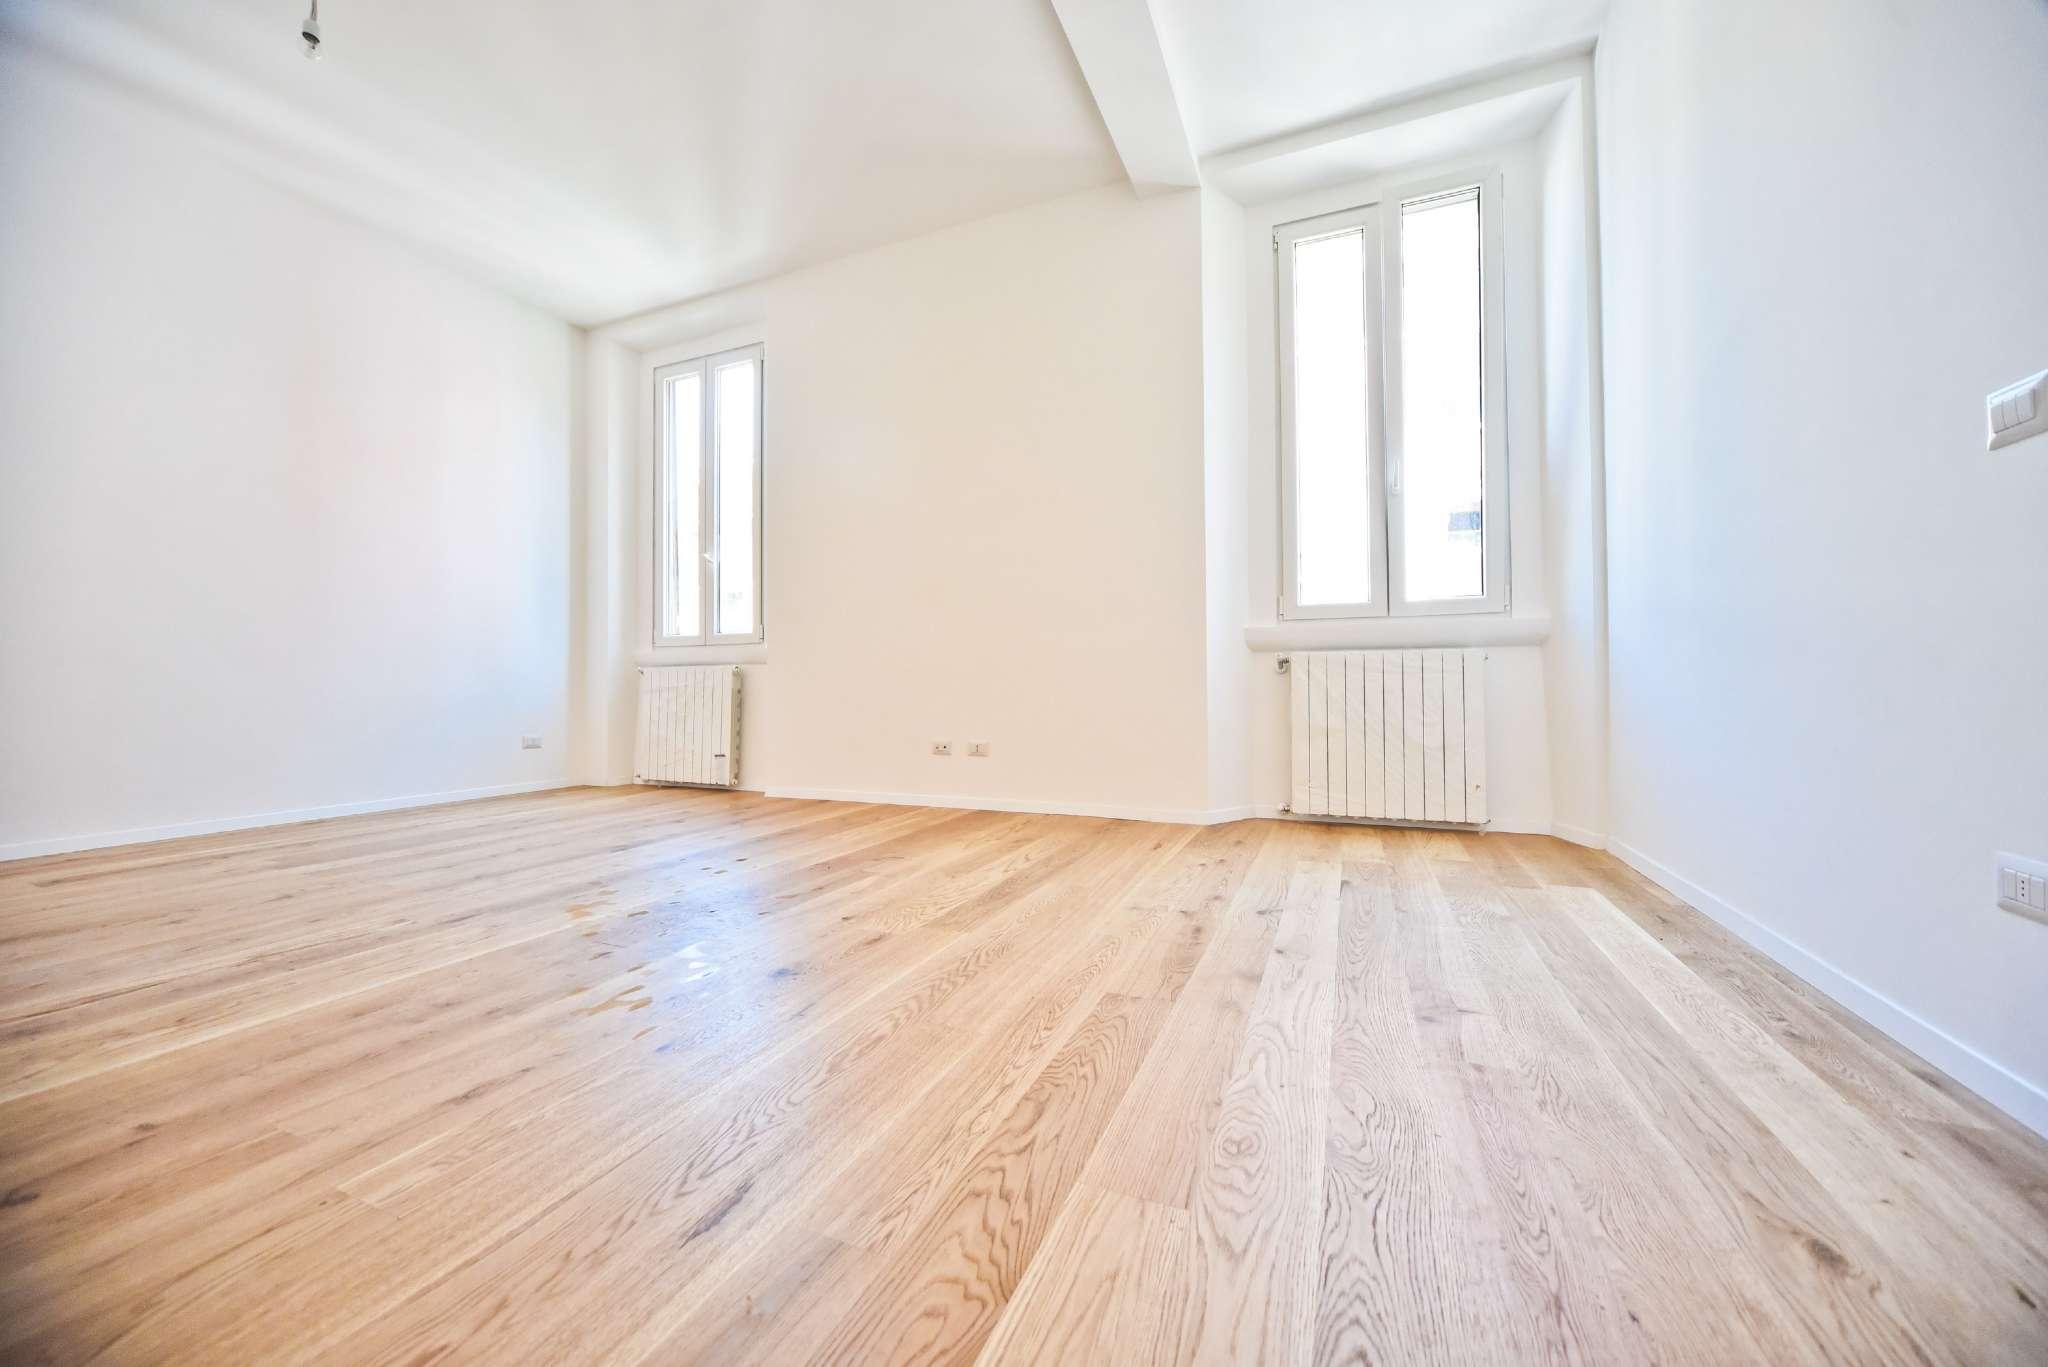 Annunci immobiliari inserzionista milano case di milano for Cerco casa milano